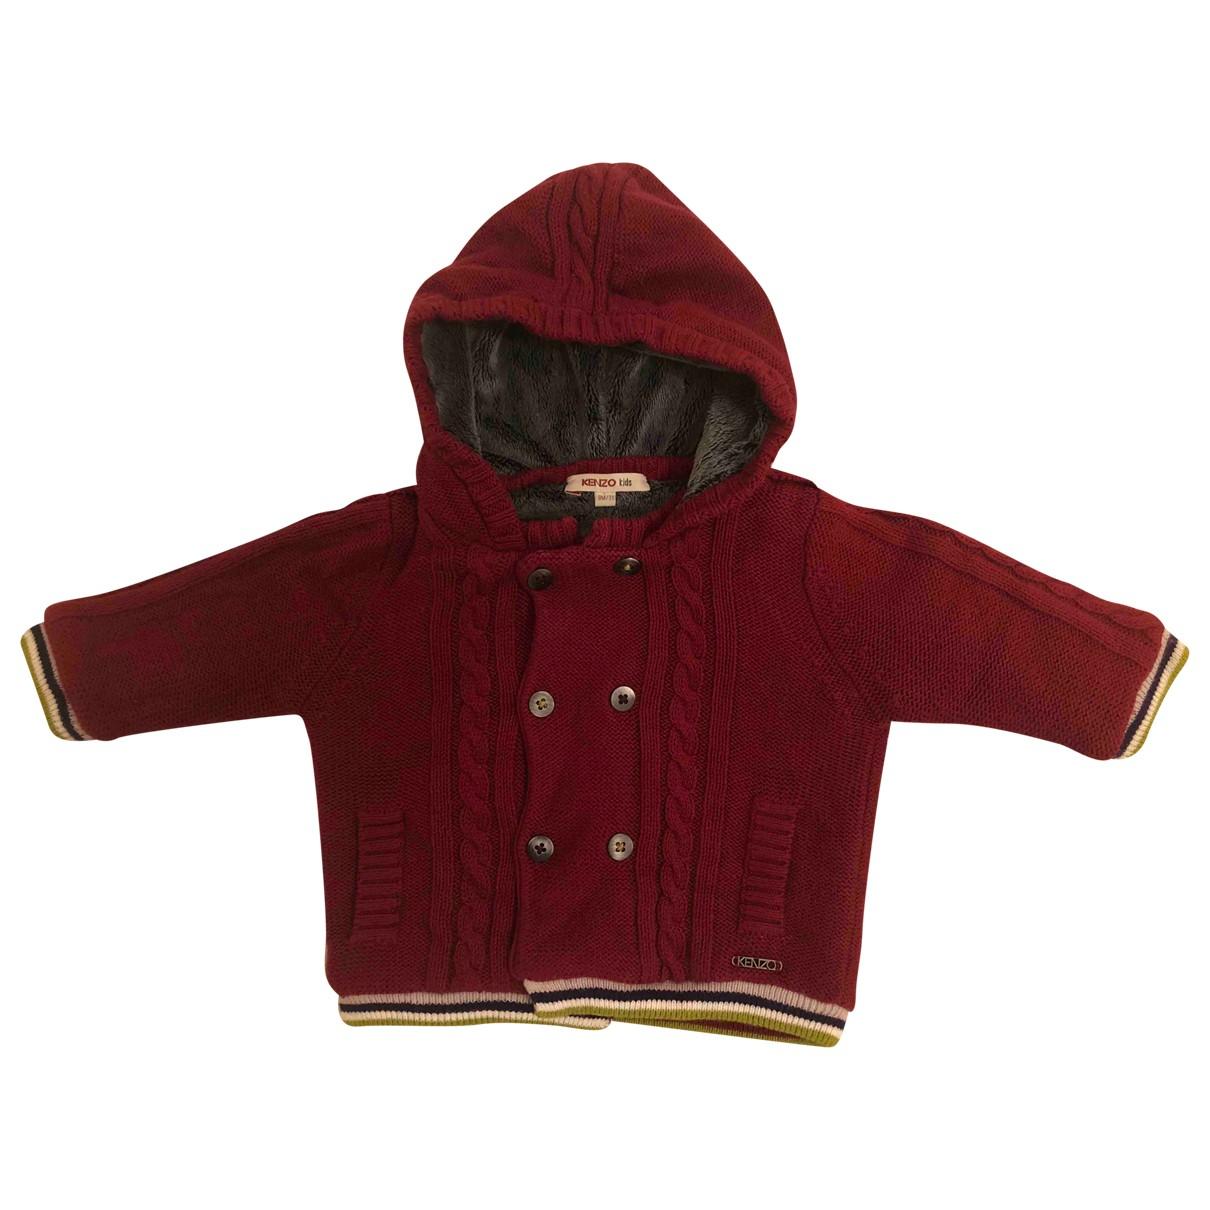 Kenzo - Blousons.Manteaux   pour enfant - bordeaux